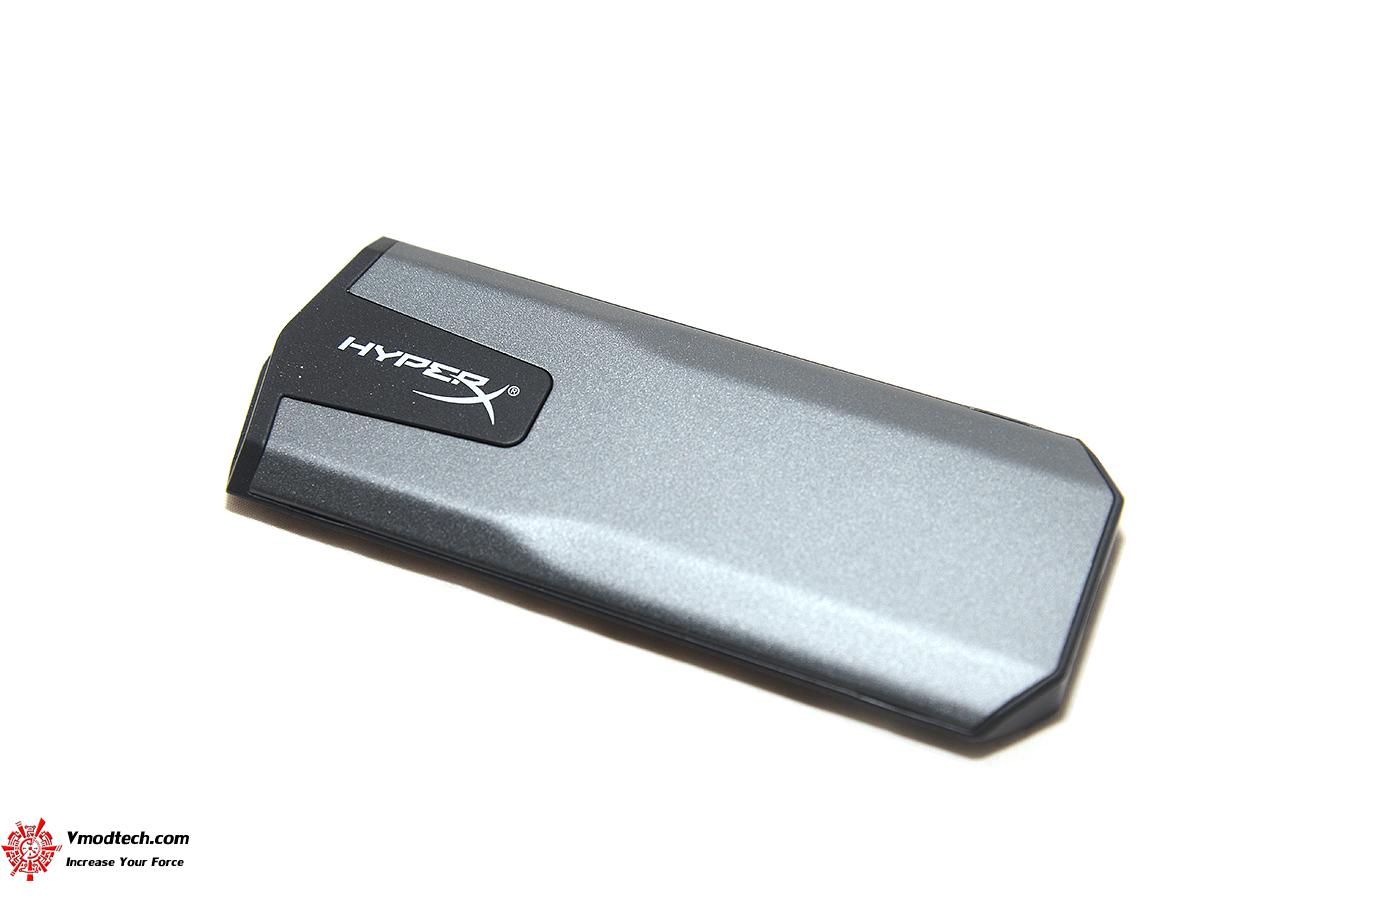 dsc 4498 HyperX SAVAGE EXO Portable SSD 480GB Review